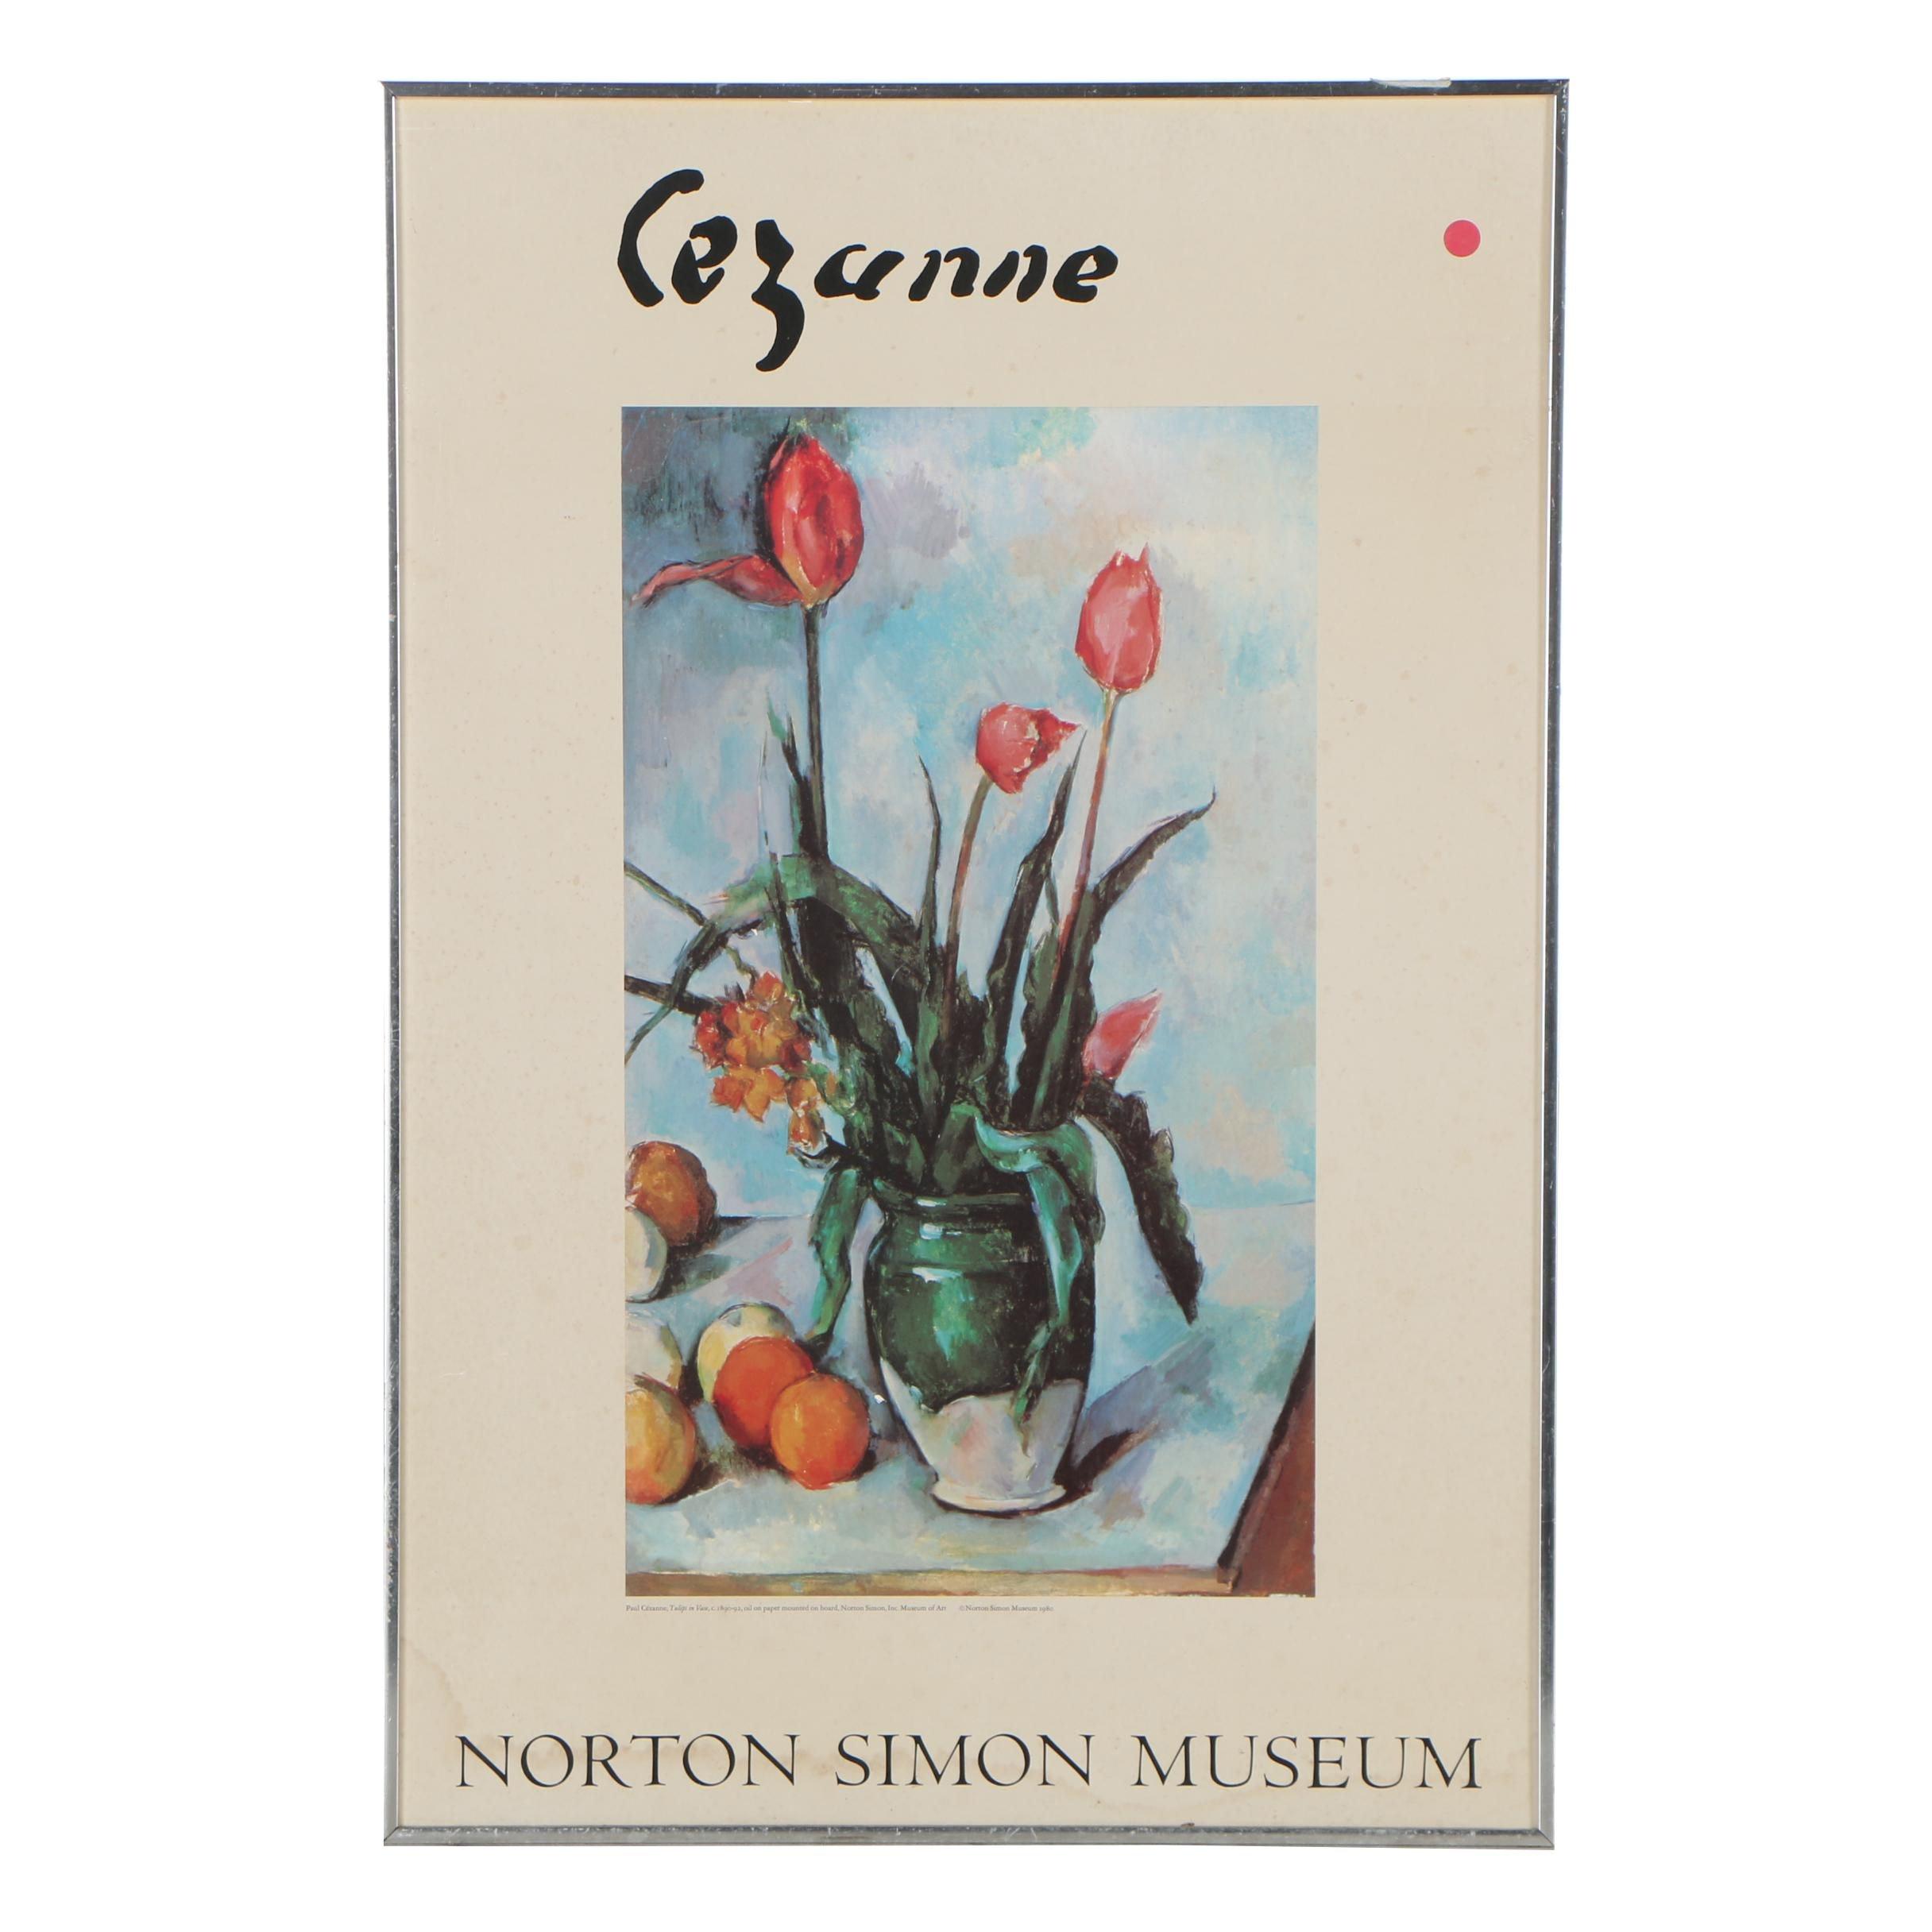 Norton Simon Museum Offset Lithograph Exhibition Poster after Paul Cézanne